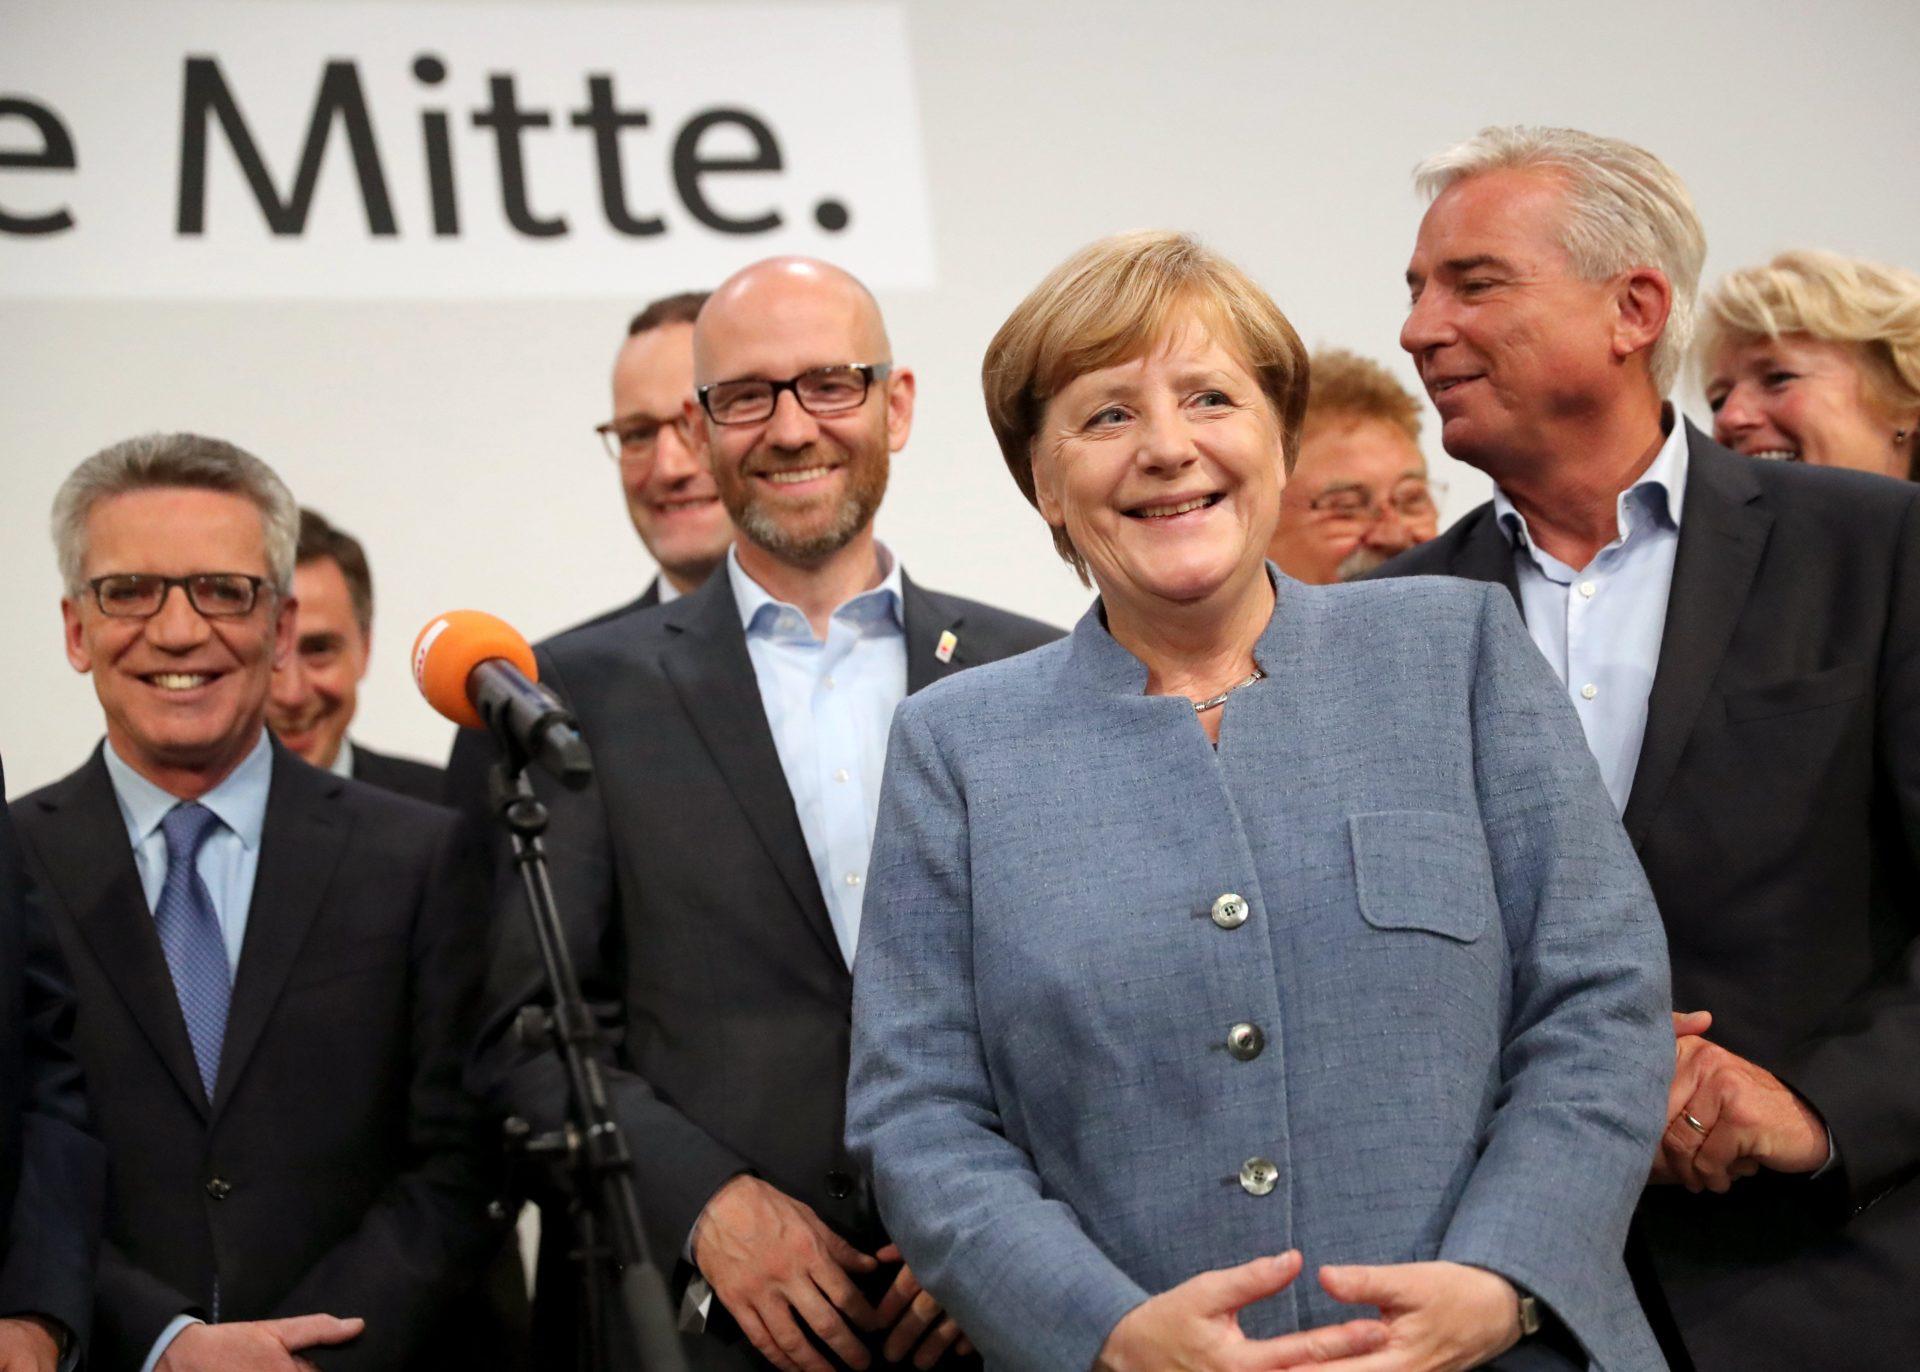 Angela-Merkel-elecciones-efe-bbva